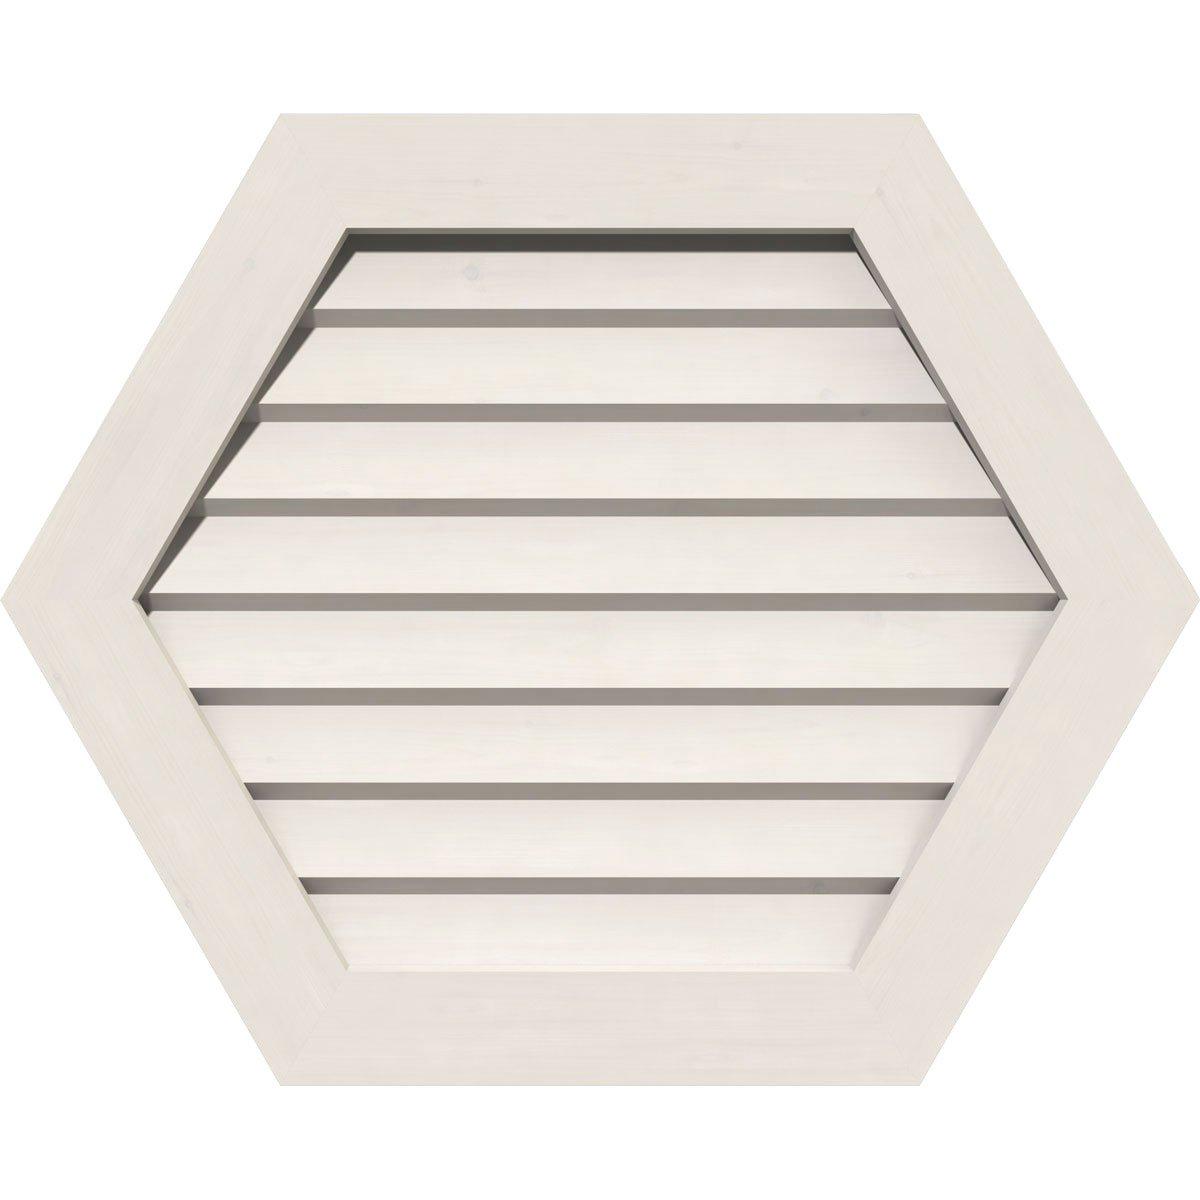 Ekena Millwork GVPHP18X1201DUN Pvc Gable Vent, 18'' W x 12'' H (23'' W x 17'' H Frame Size), White